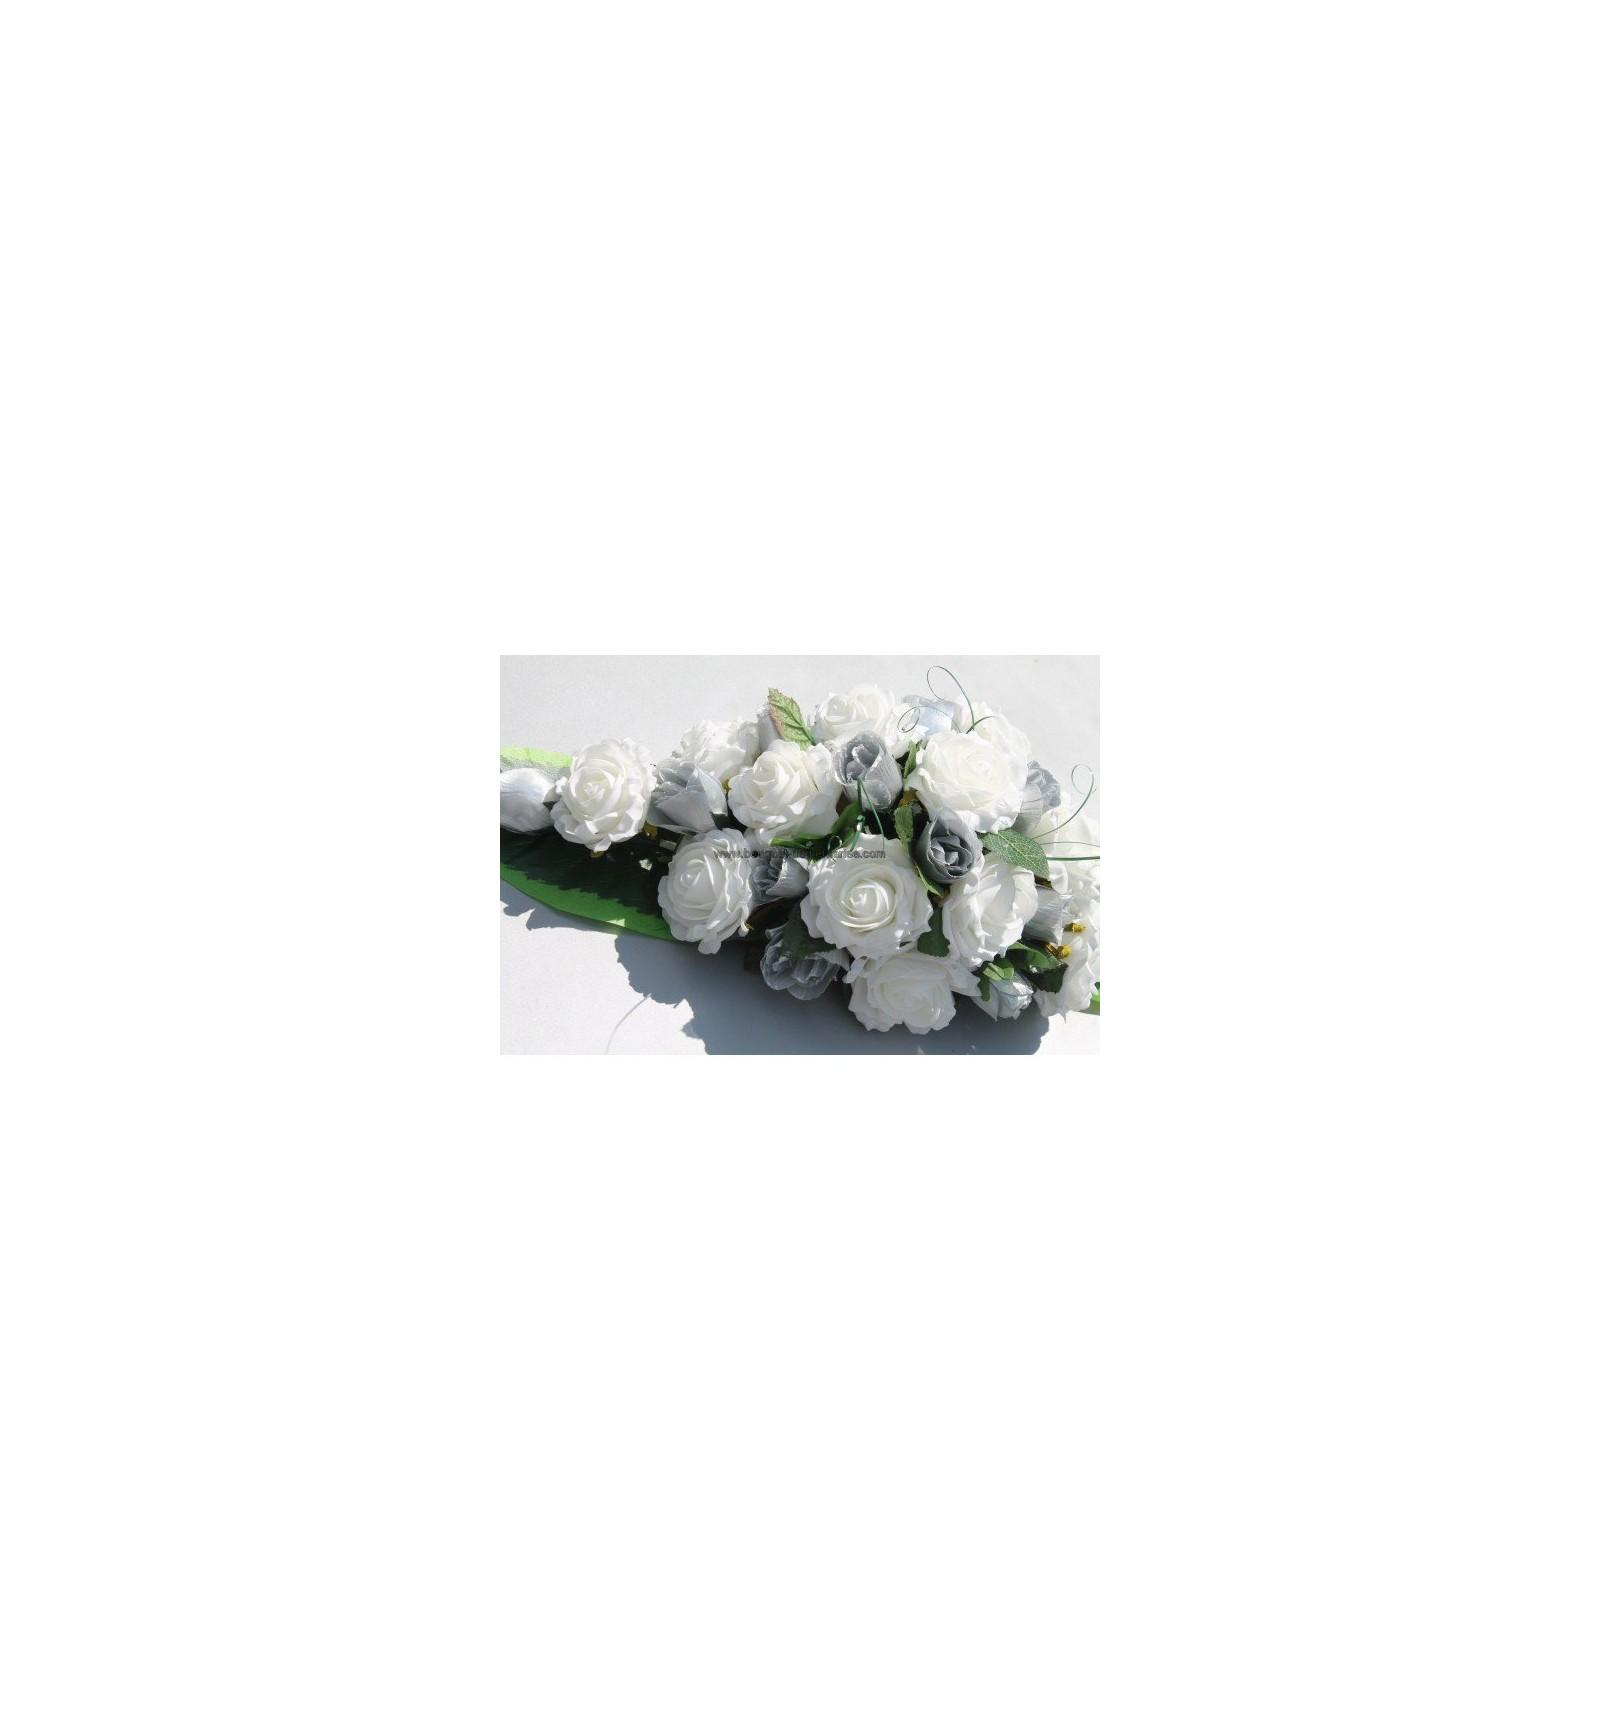 Decoration Voiture Mariage Gris Et Rose : Décoration pour voiture de mariage roses ivoire et gris